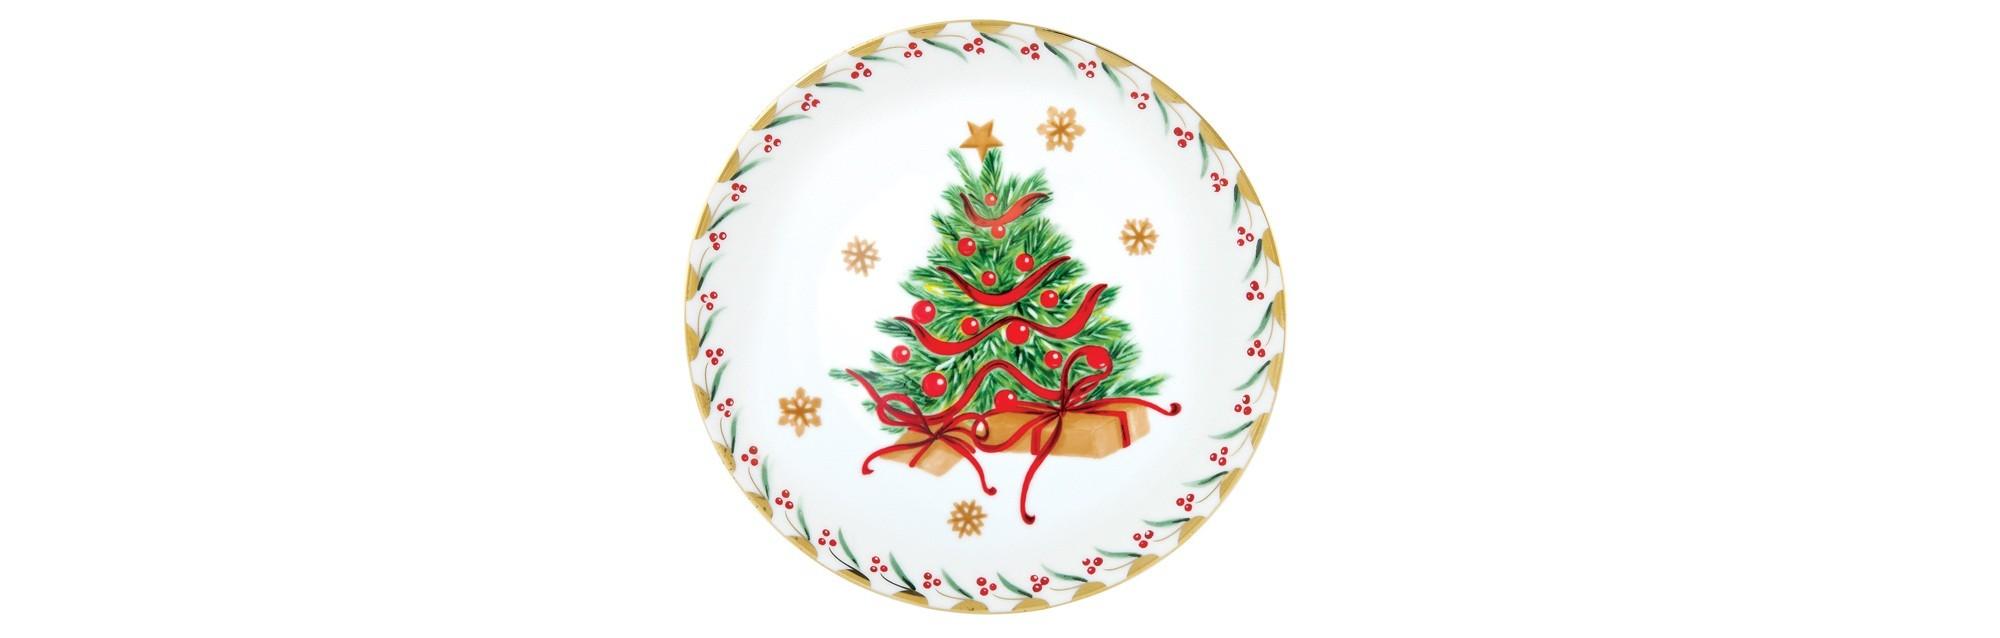 Πιάτο Φρούτου Στρογγυλό Δεντράκι Noel 21cm Ionia home   ειδη σερβιρισματος   πιάτα